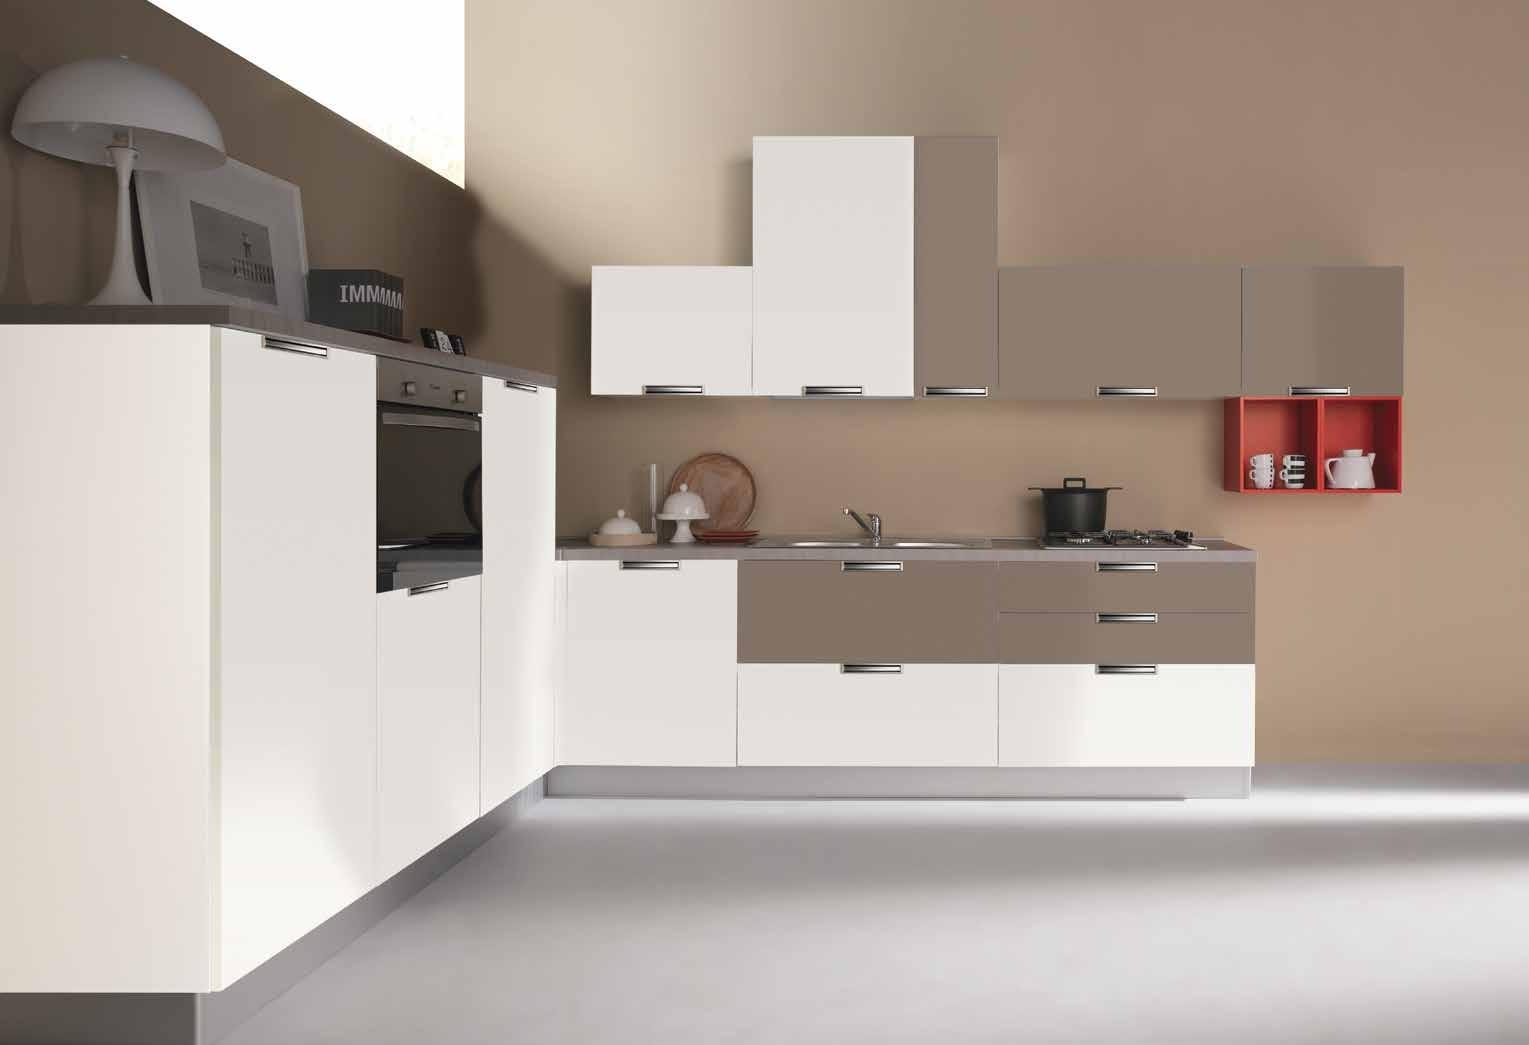 Cucina moderna angolare con elettrodomestici cucine a - Cucina con elettrodomestici ...